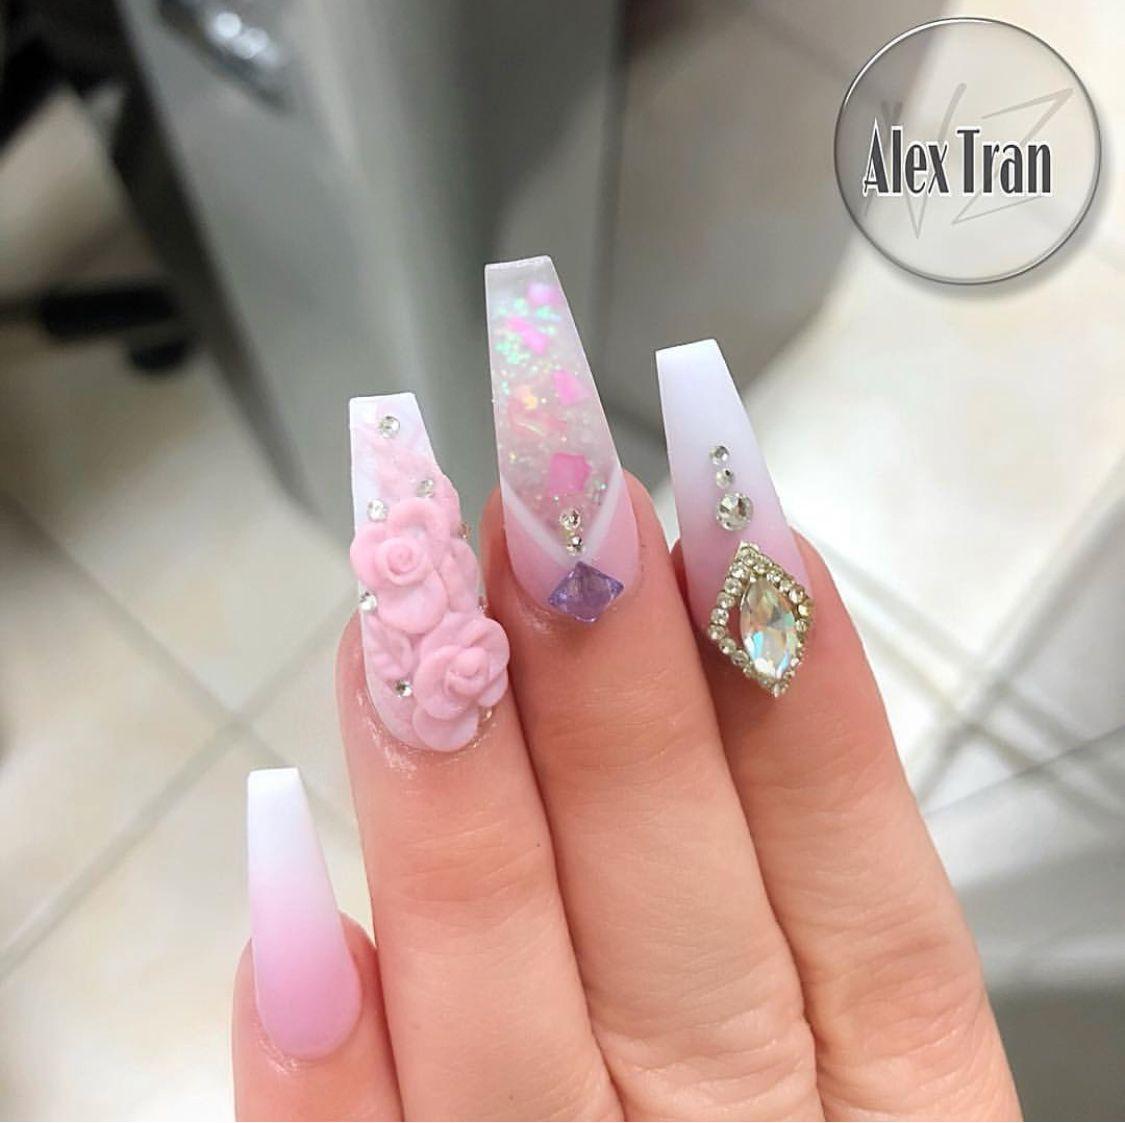 French Nail Art Acrylic Nails Acrylics Glam Hashtags Ideas